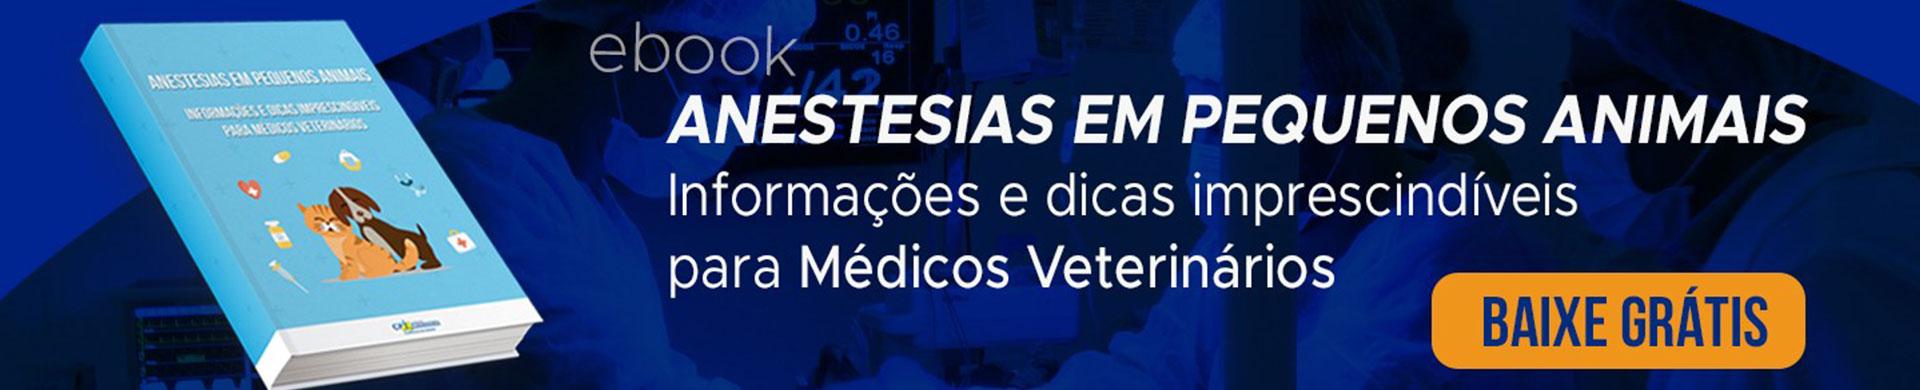 Ebook Anestesias em Pequenos Animais